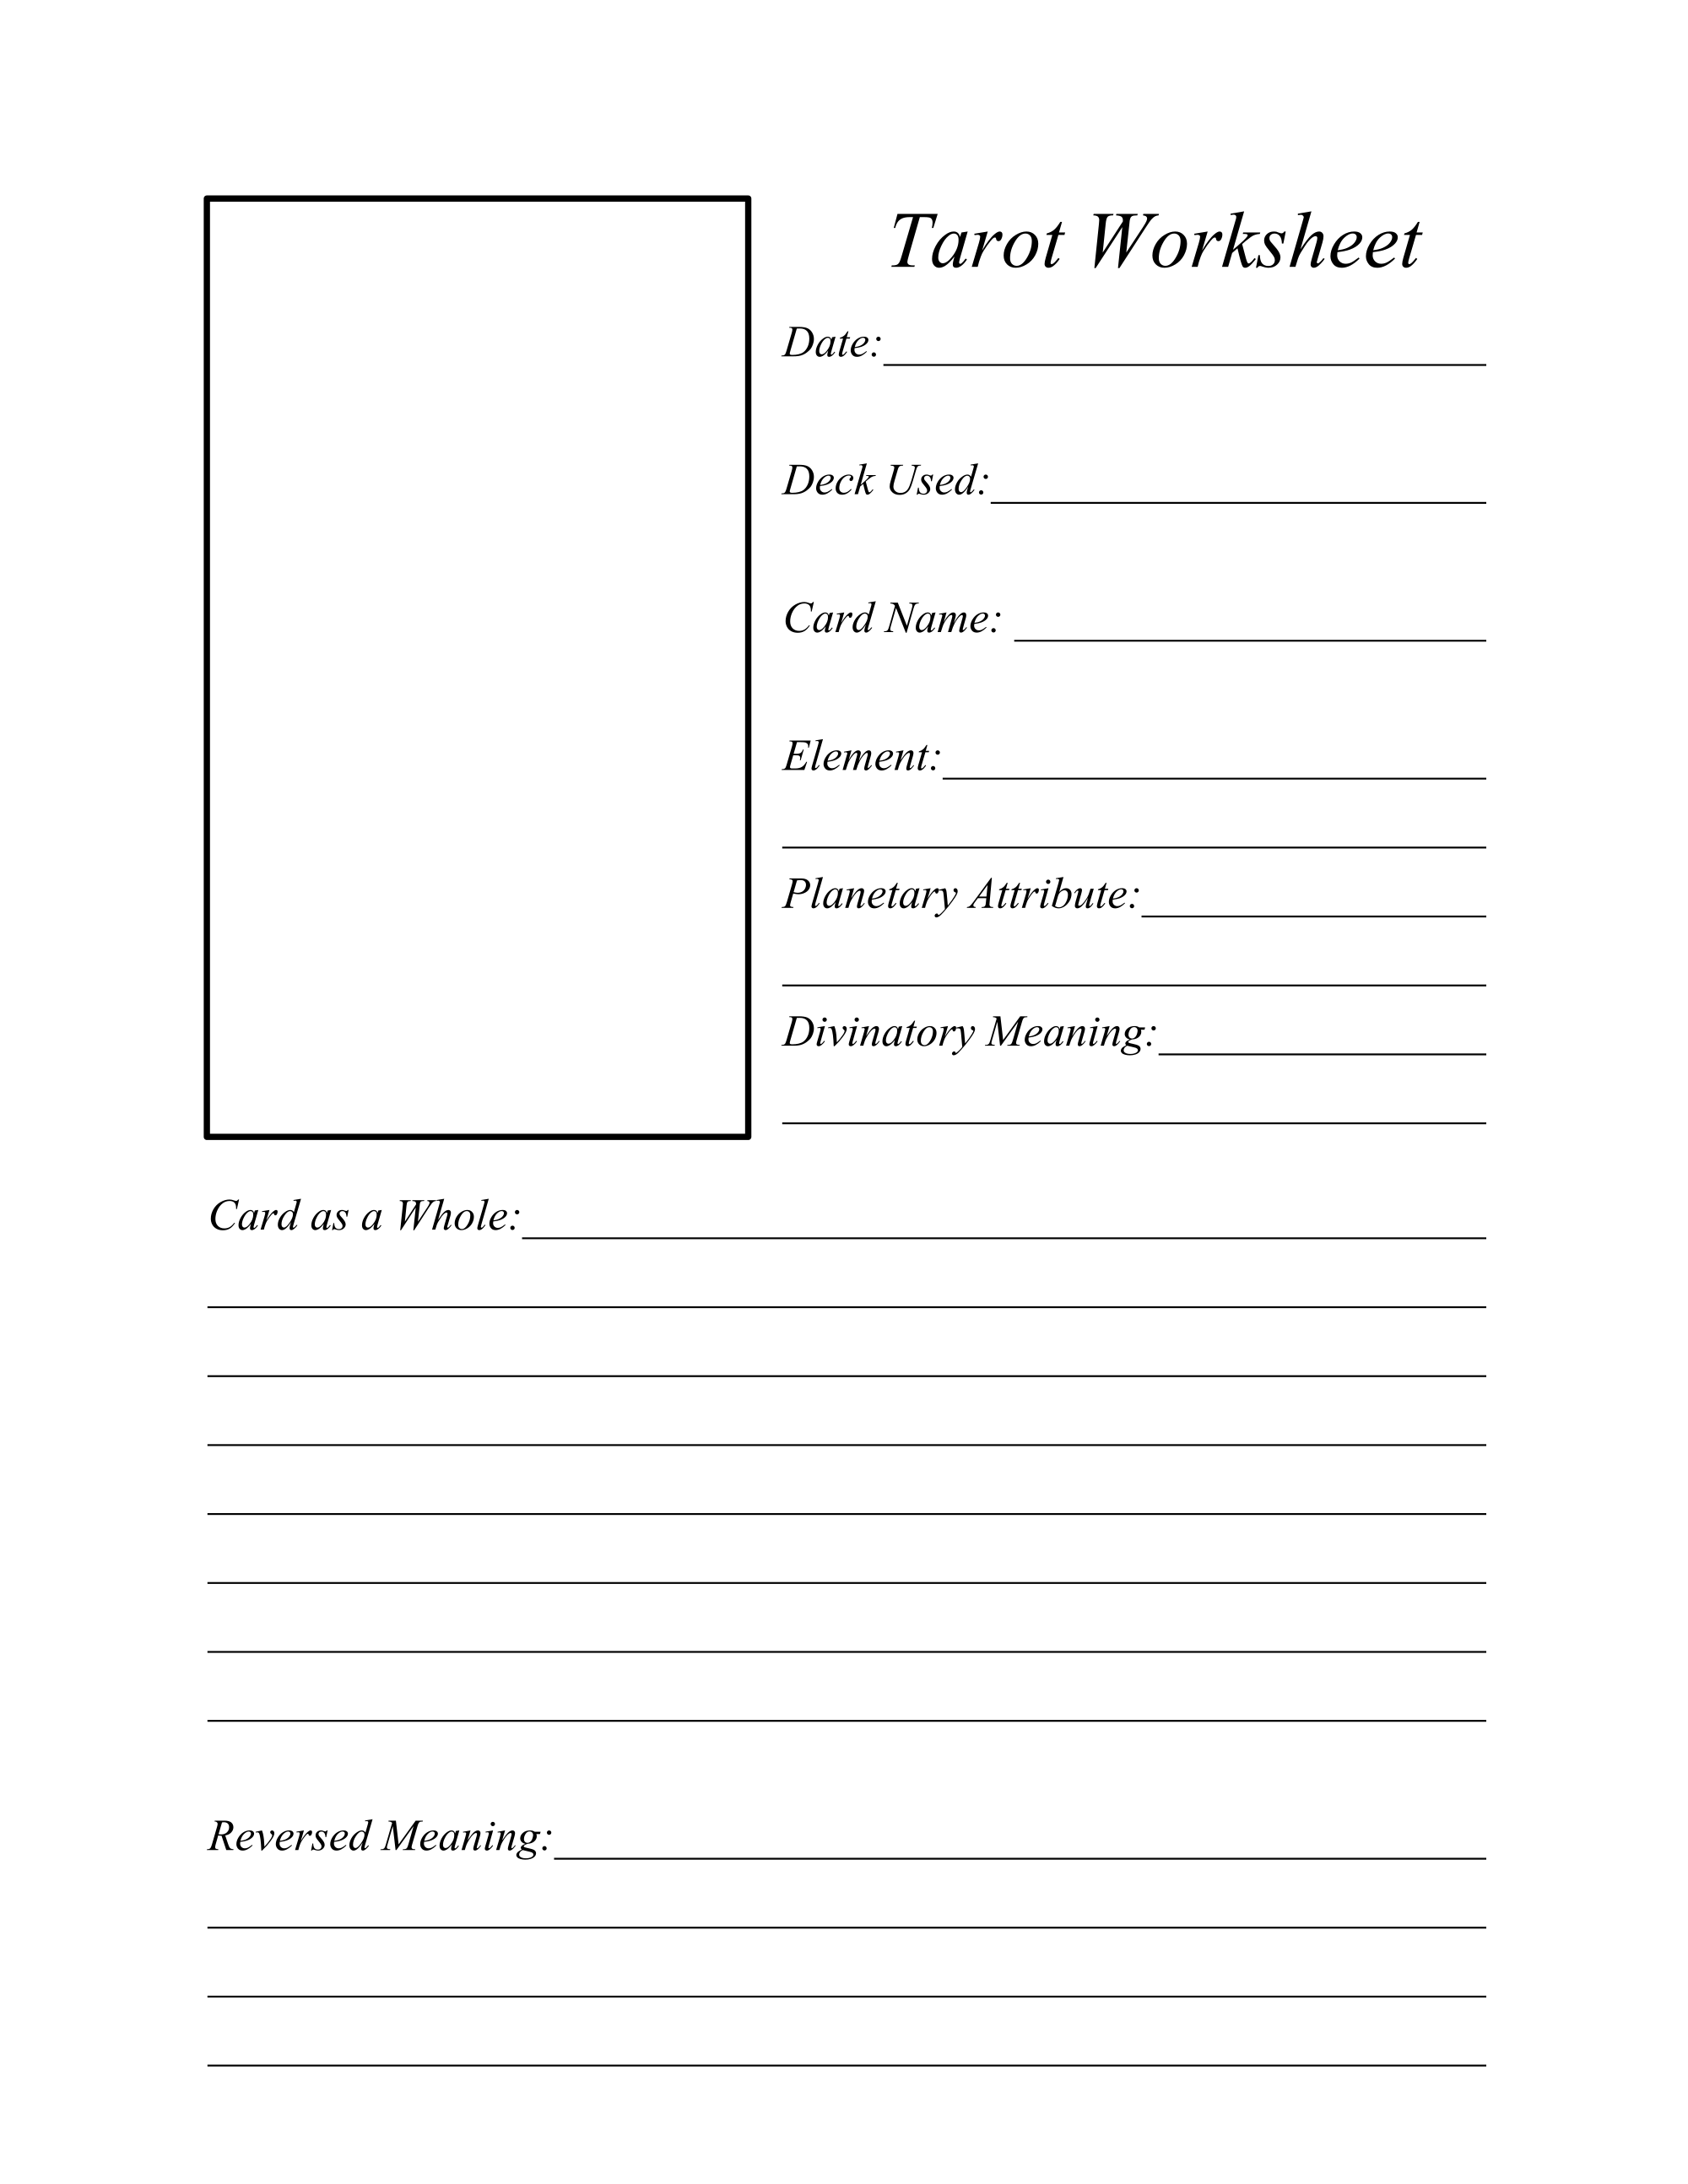 Tarot Card Worksheet Free Printable